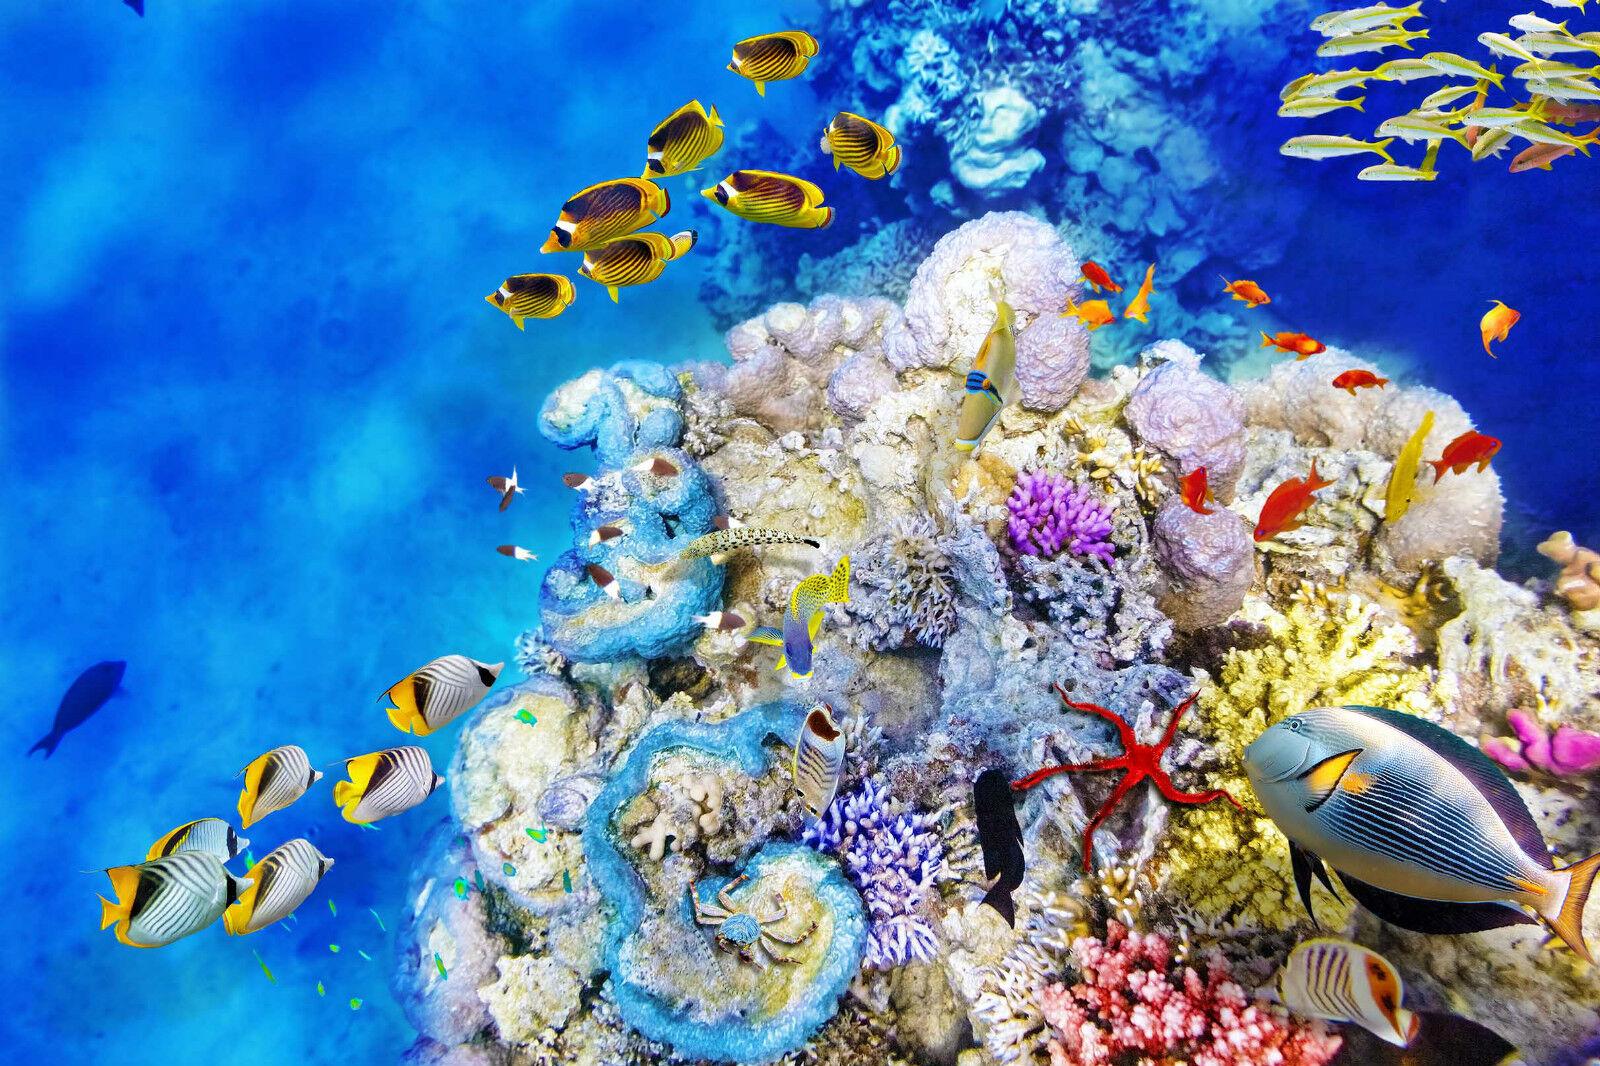 3D Underwater World 346 Décor Mural Murale De De De Mur De Cuisine AJ WALLPAPER FR   Qualité Et Quantité Assurée  2e8c8b